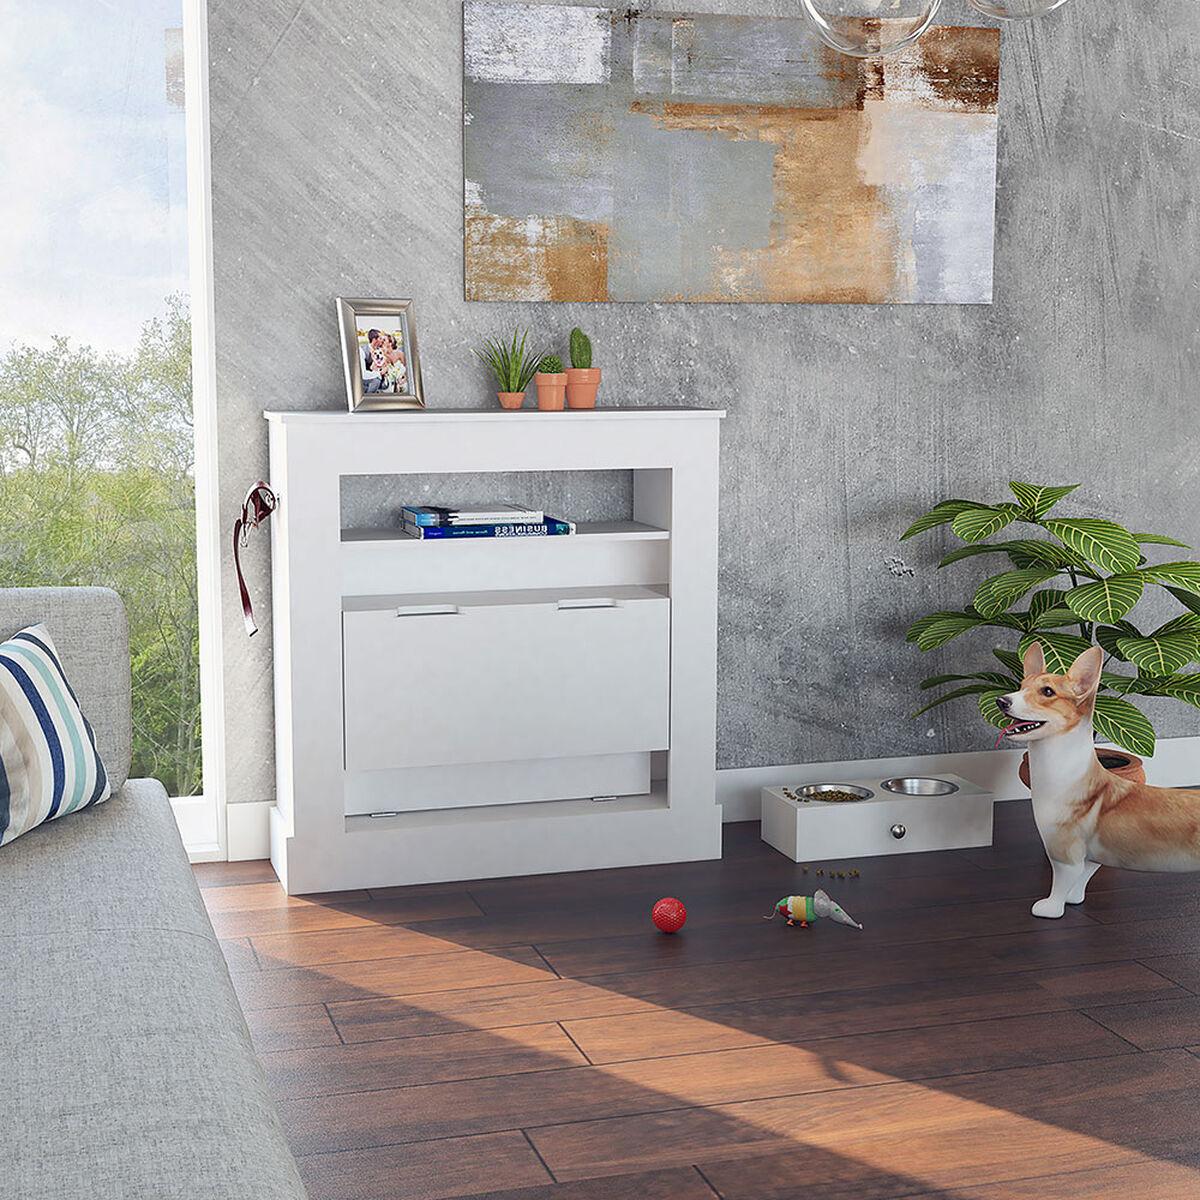 Mueble Cama + Plato para Mascotas Mastiff TuHome